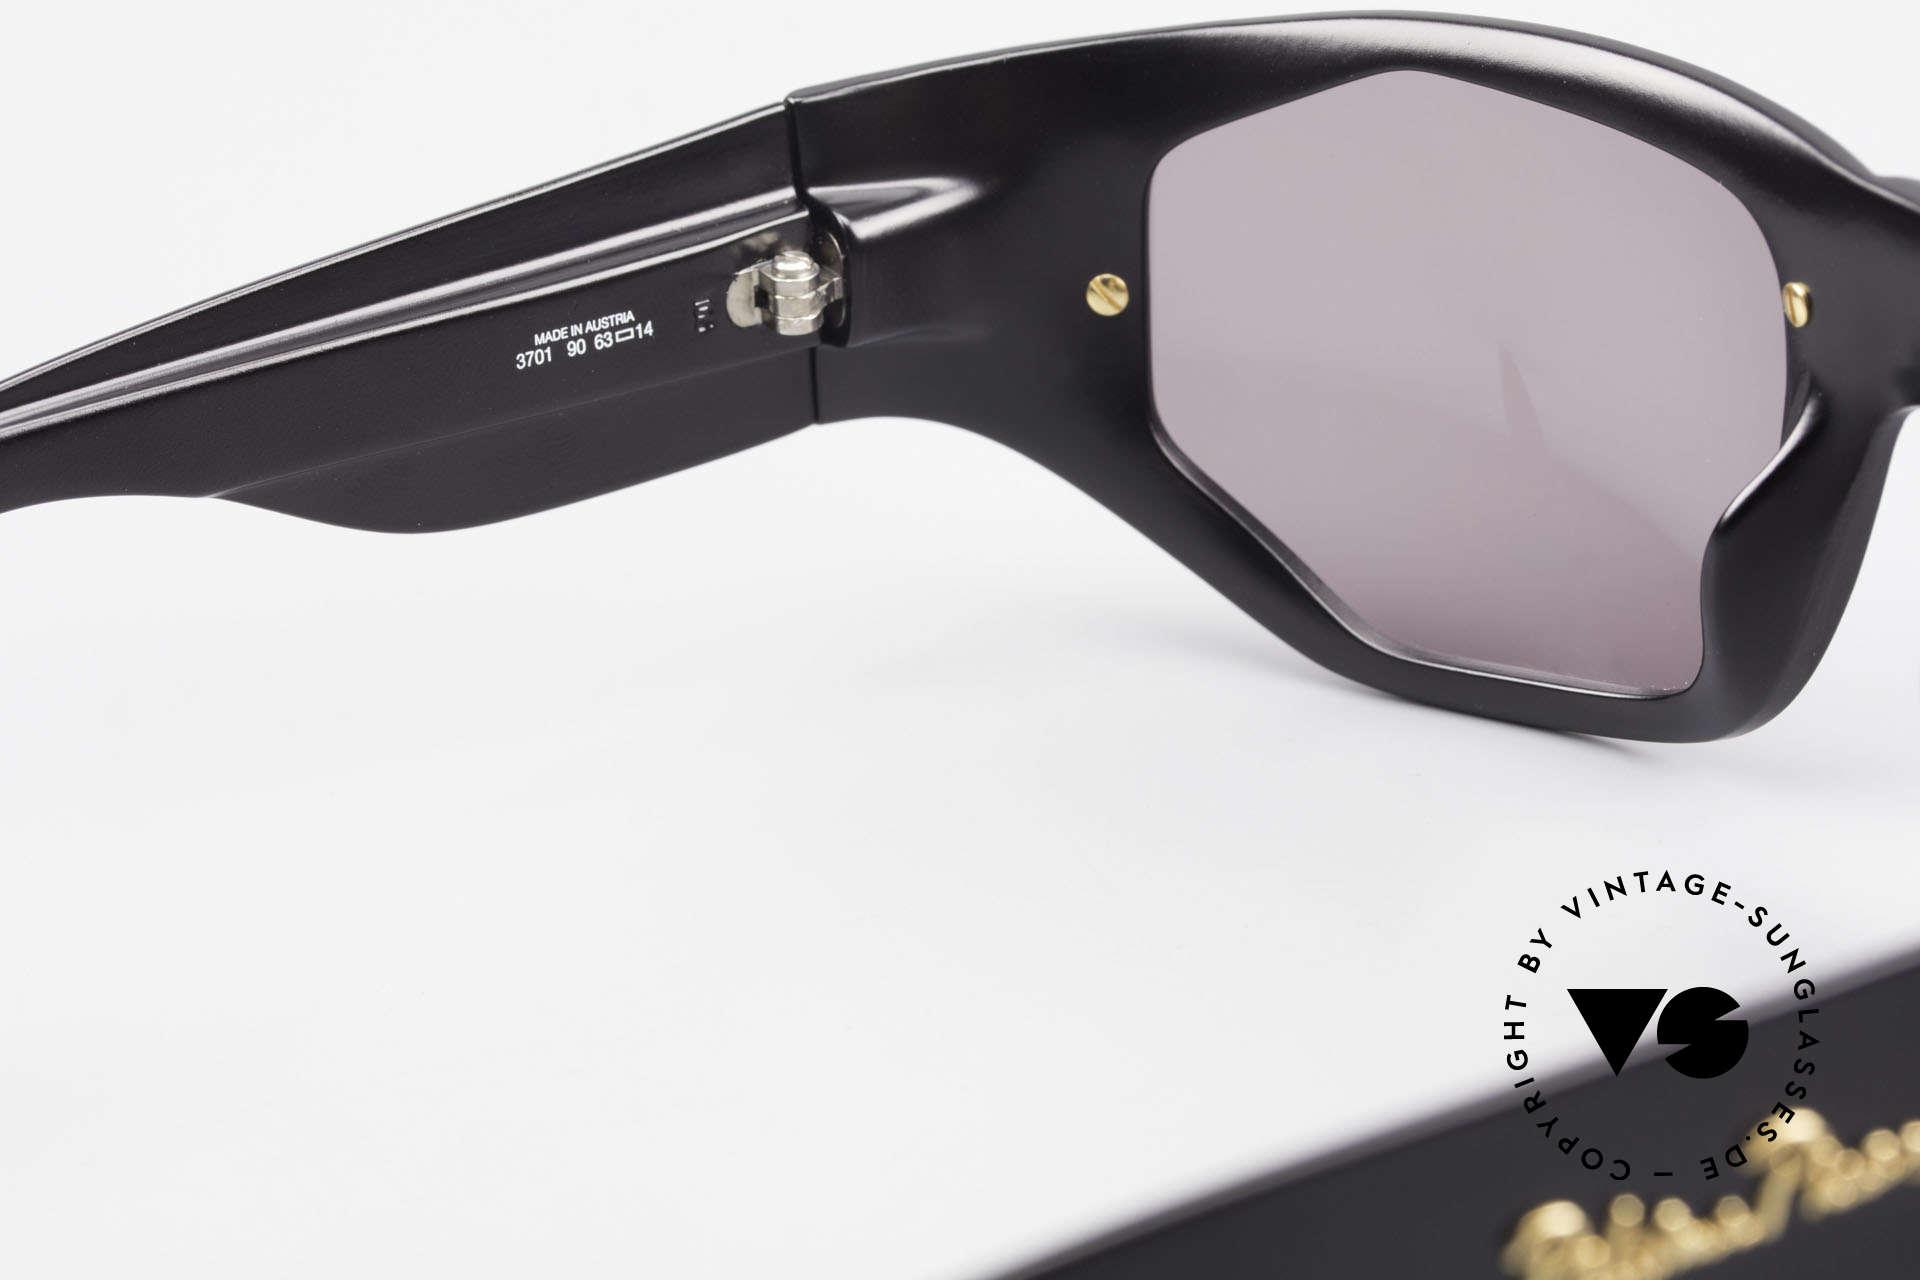 Paloma Picasso 3701 90er Damen Wrap Sonnenbrille, Keine Reproduktion, sondern ein stolzes Original!, Passend für Damen